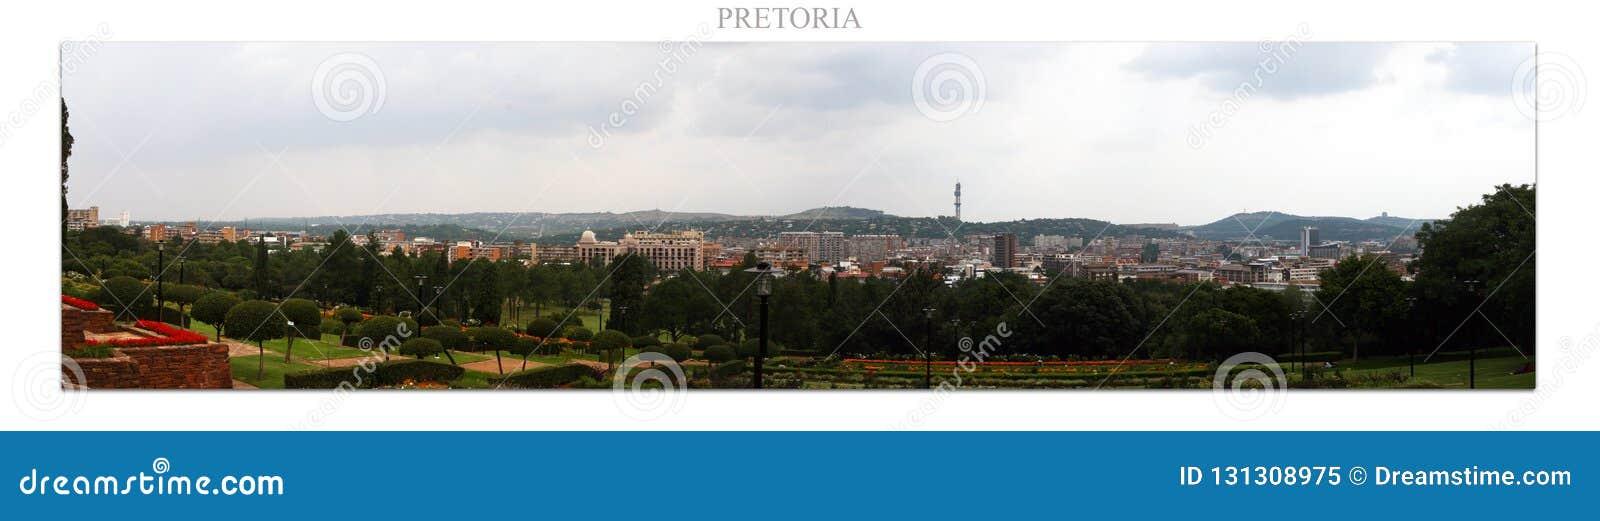 Просто Претория в Южной Африке